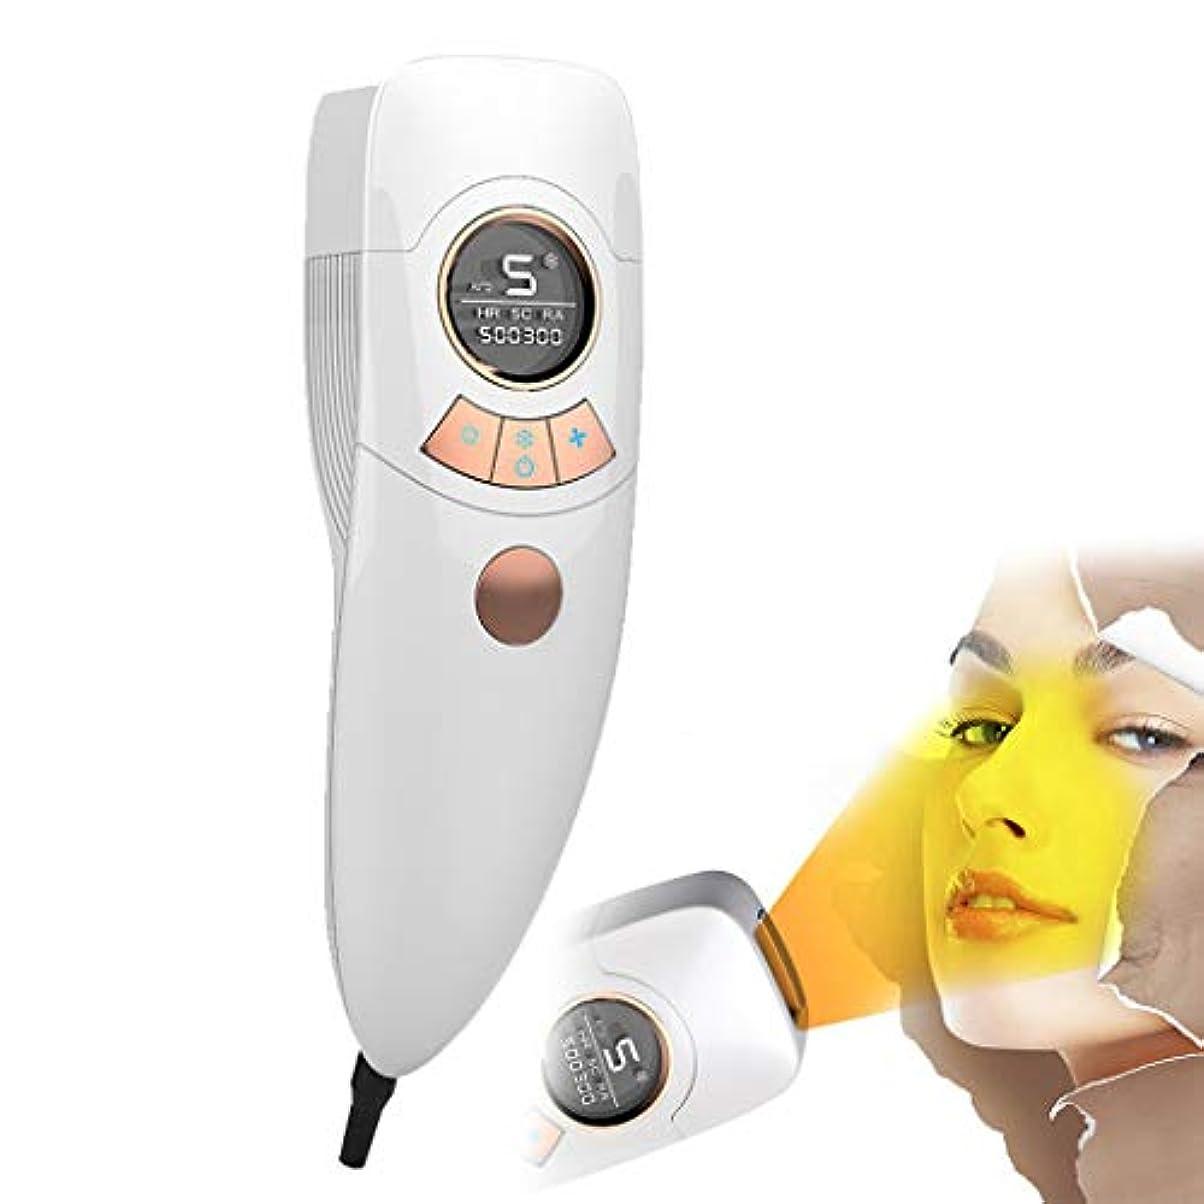 ミケランジェロ静かに船員電気脱毛装置は痛みがありません女性4で1充電式電気脱毛器の髪、ビキニエリア鼻脇の下腕の脚の痛みのない永久的な体毛リムーバー-White